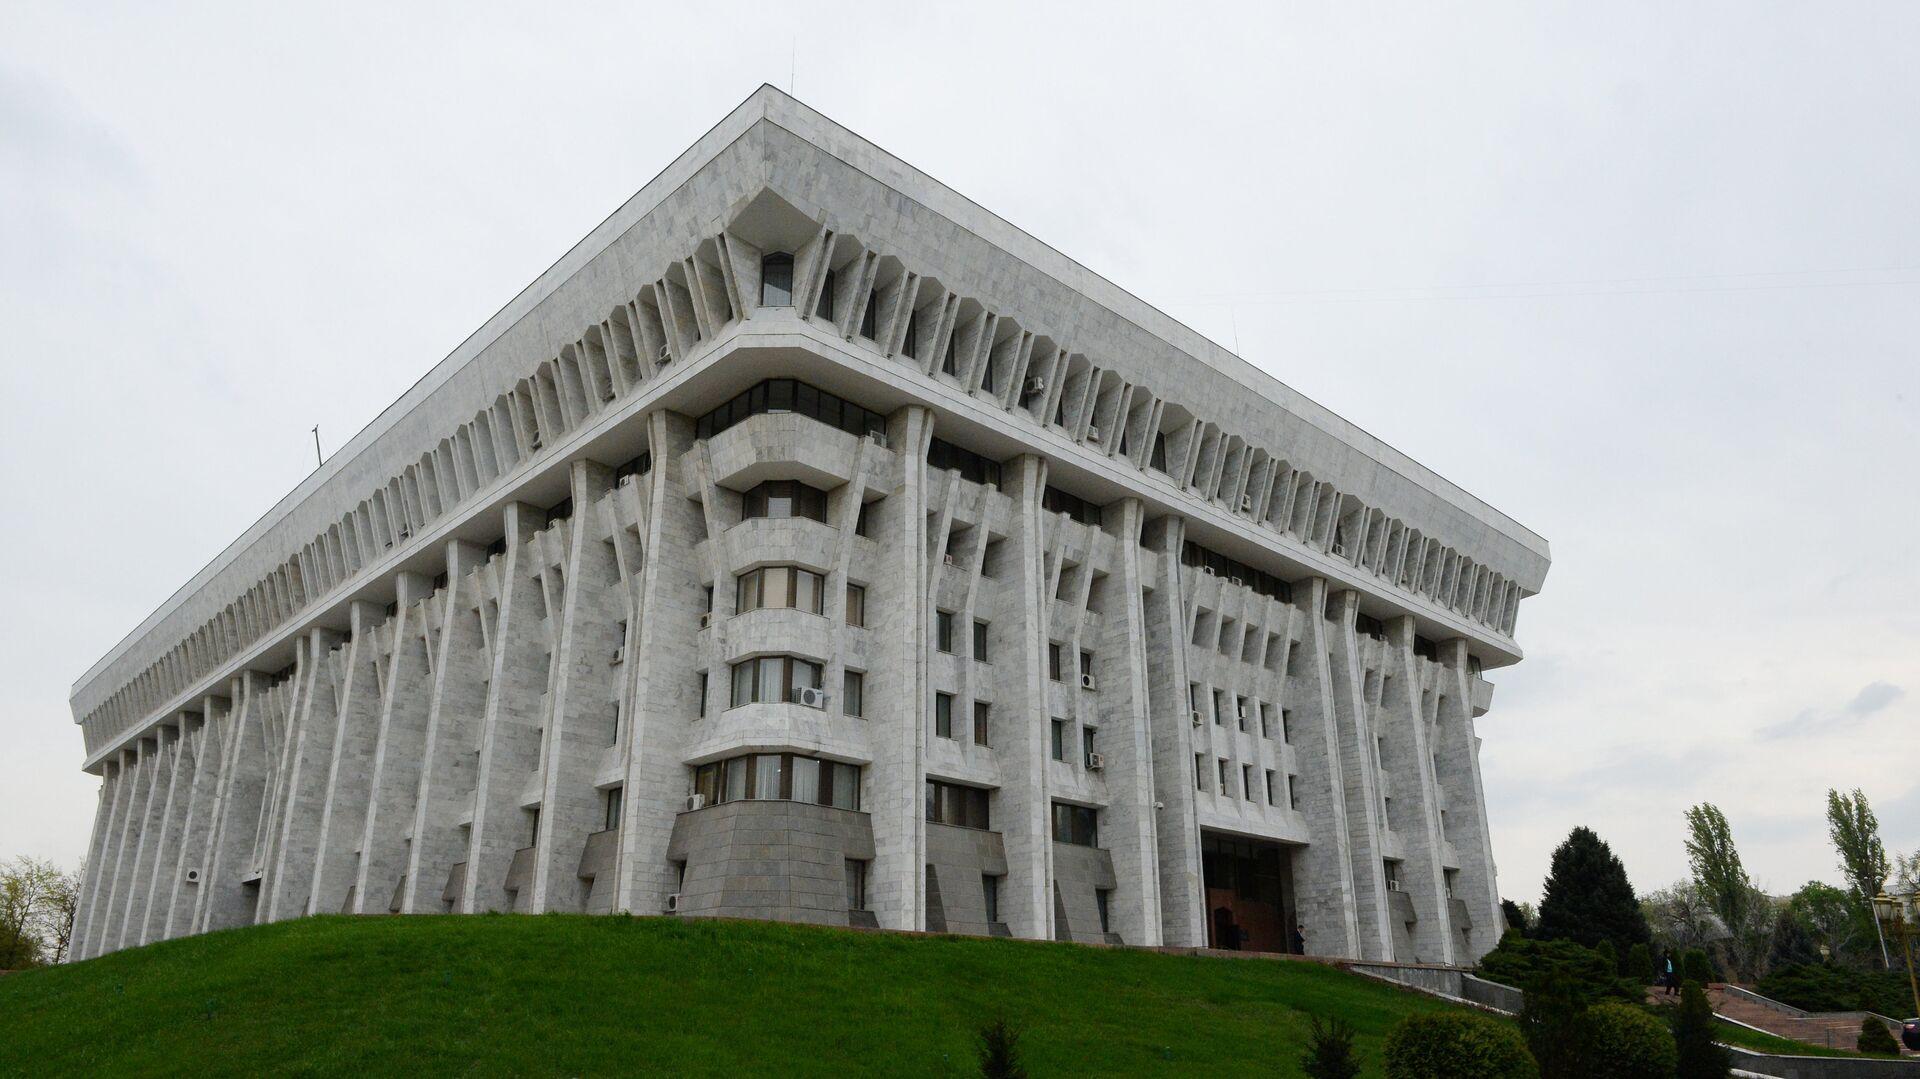 Здание Жогорку Кенеш (парламанта) Киргизской Республики в Бишкеке, Киргизия - РИА Новости, 1920, 21.10.2020